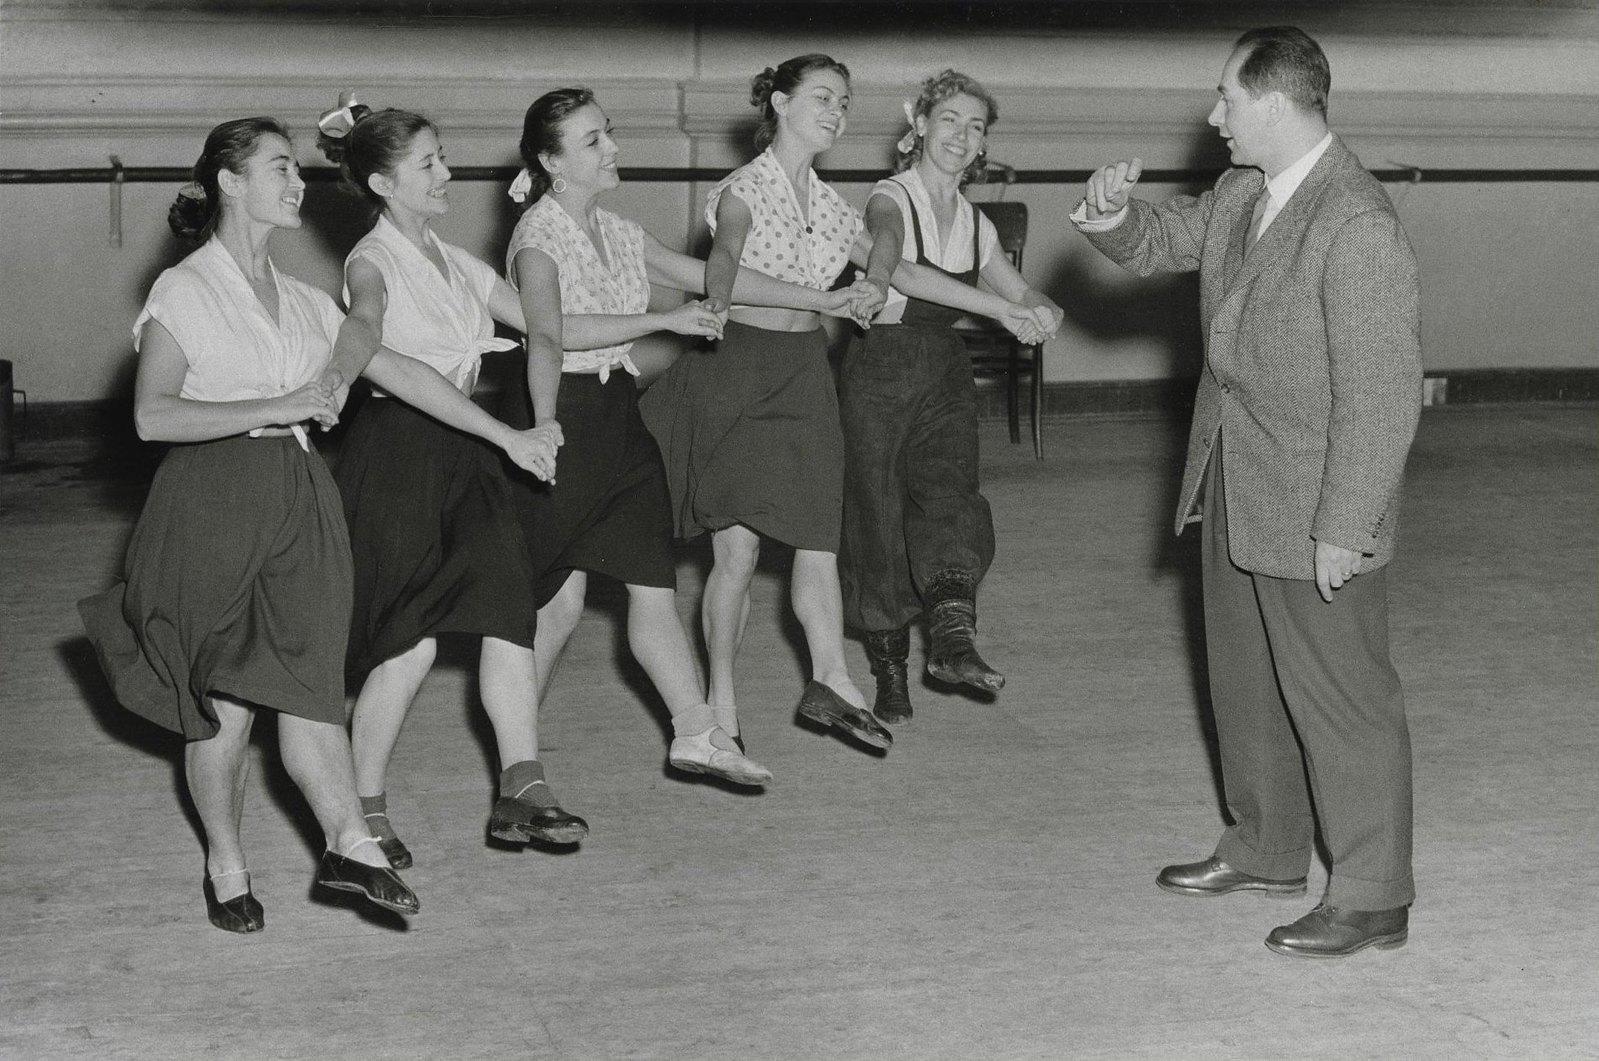 1956.  Хореограф Игорь Моисеев, руководитель Ансамбля народного танца СССР